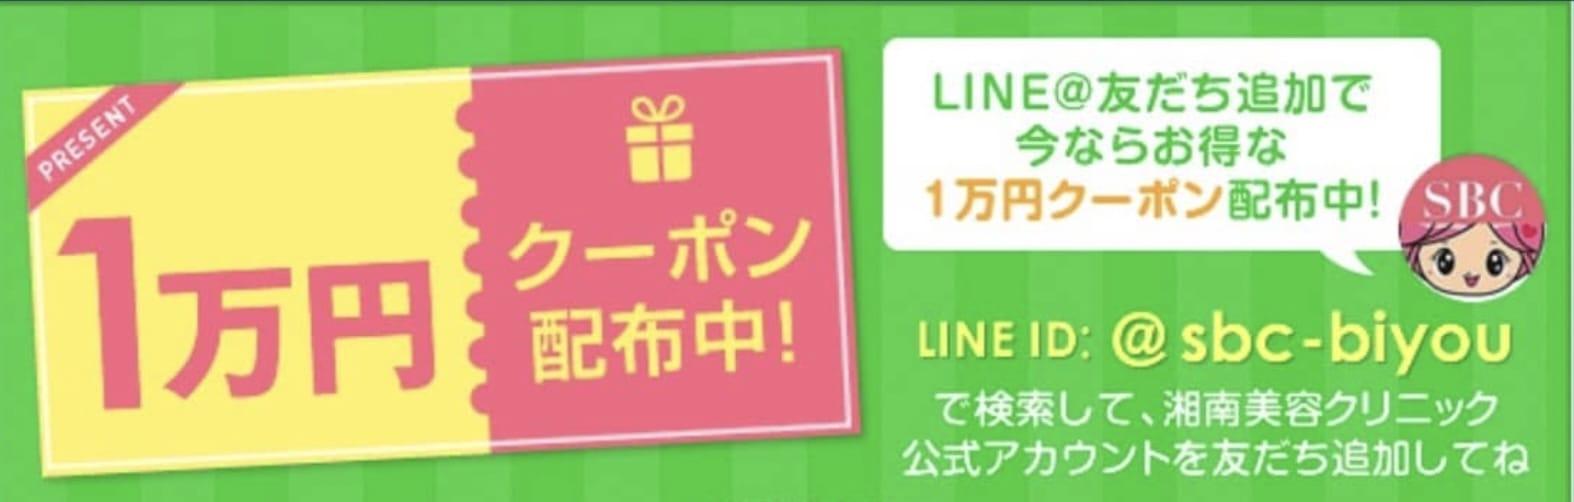 湘南美容クリニックSBCのLINE10000円クーポンの案内の写真